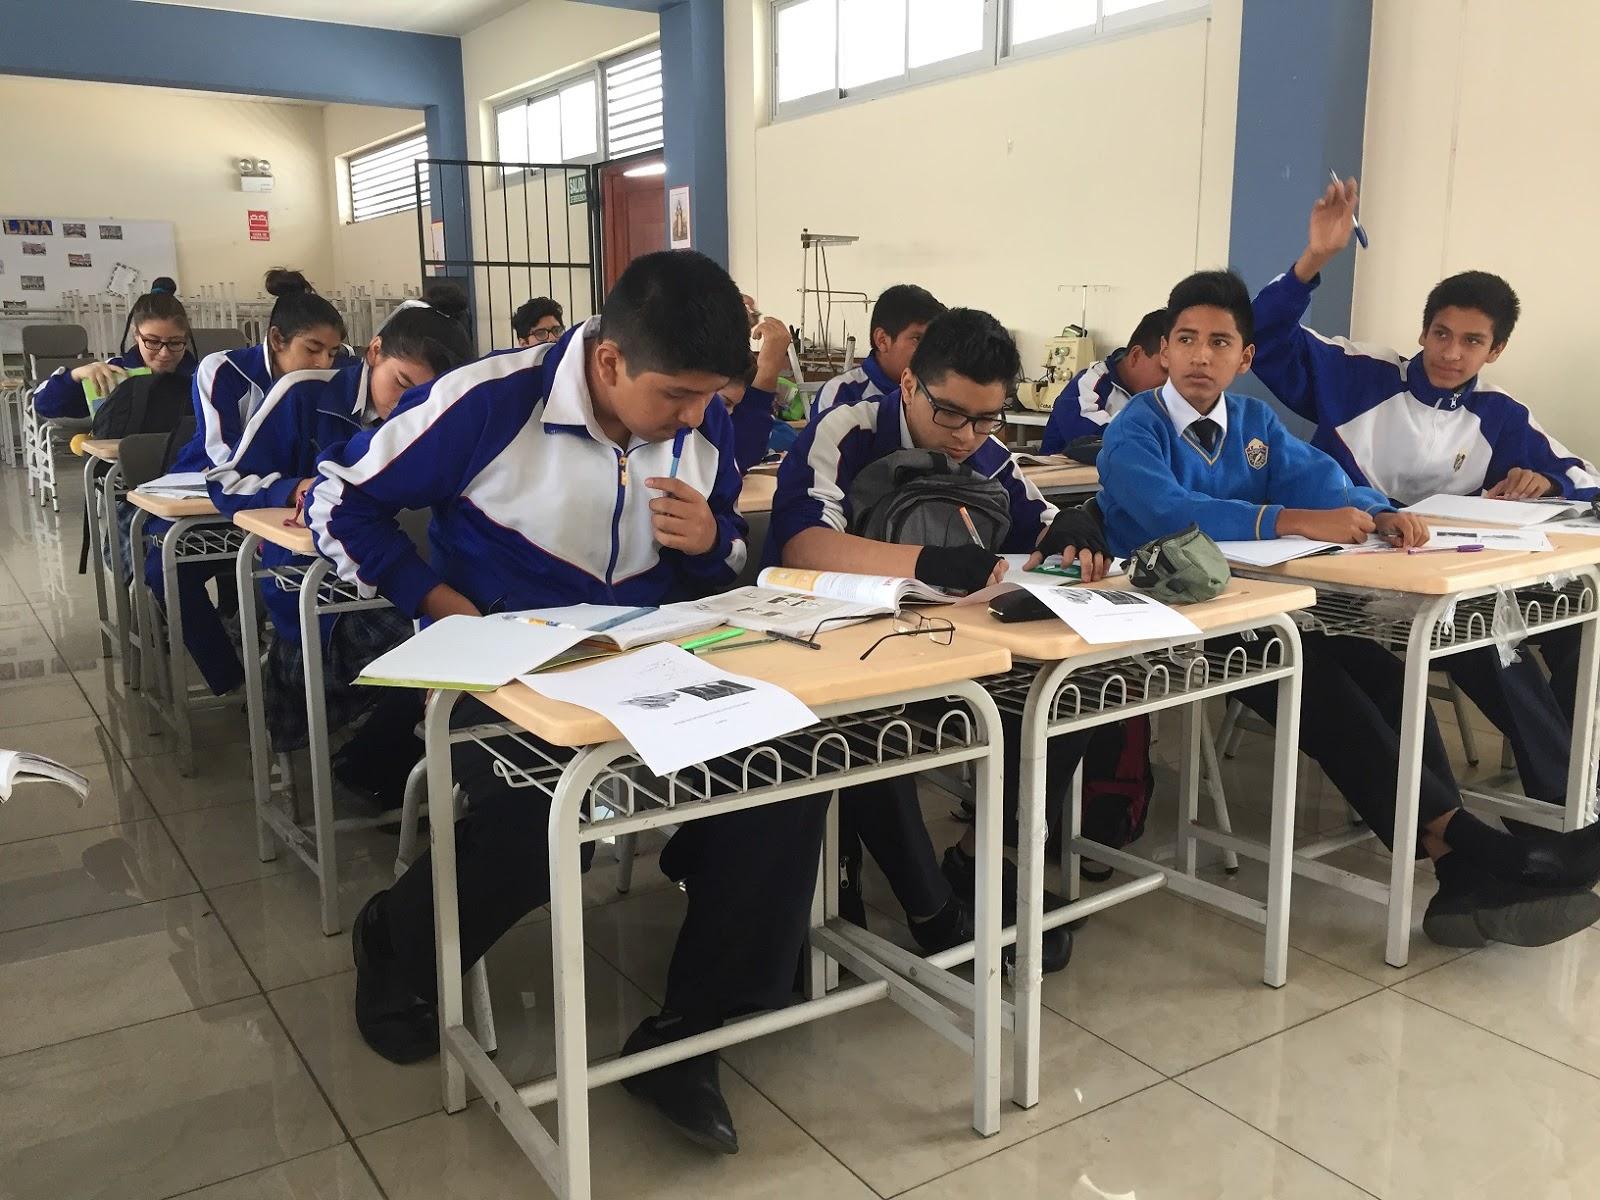 La libertad 119 colegios recibieron mobiliario escolar for Mobiliario para estudiantes